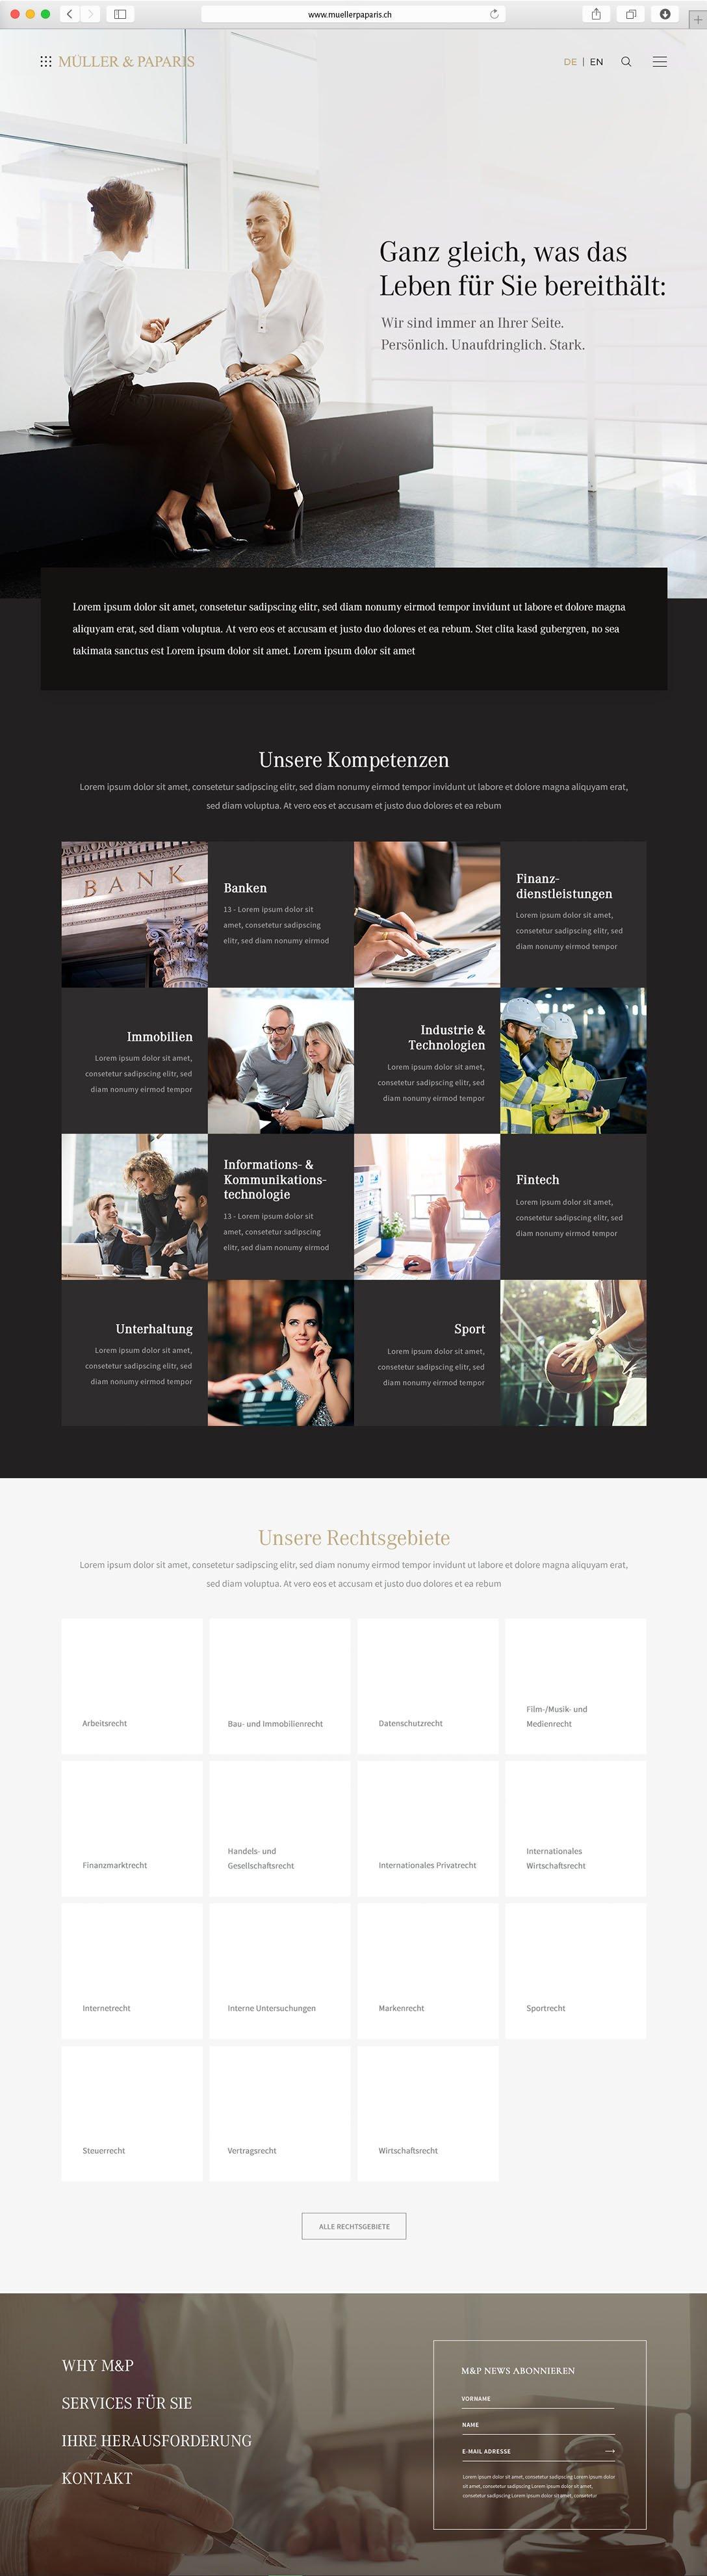 webdesign-bsp-muellerpaparis-full